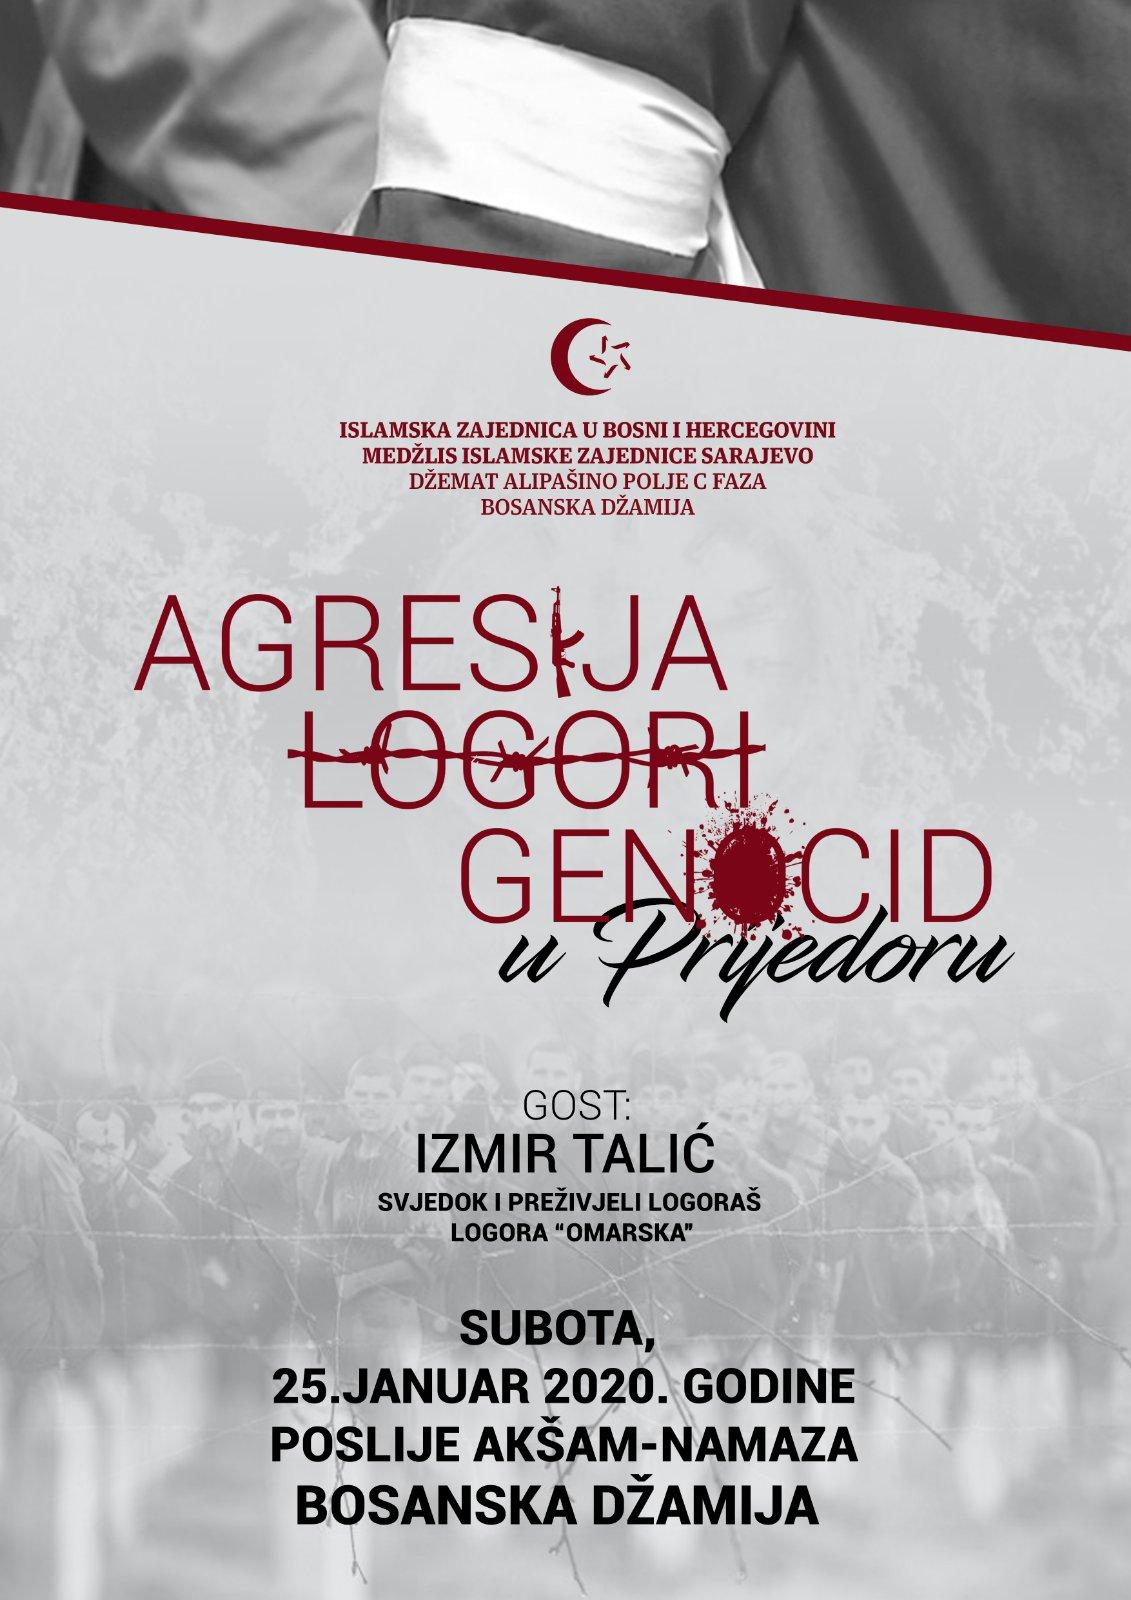 Agresija, logori i genocid u Prijedoru